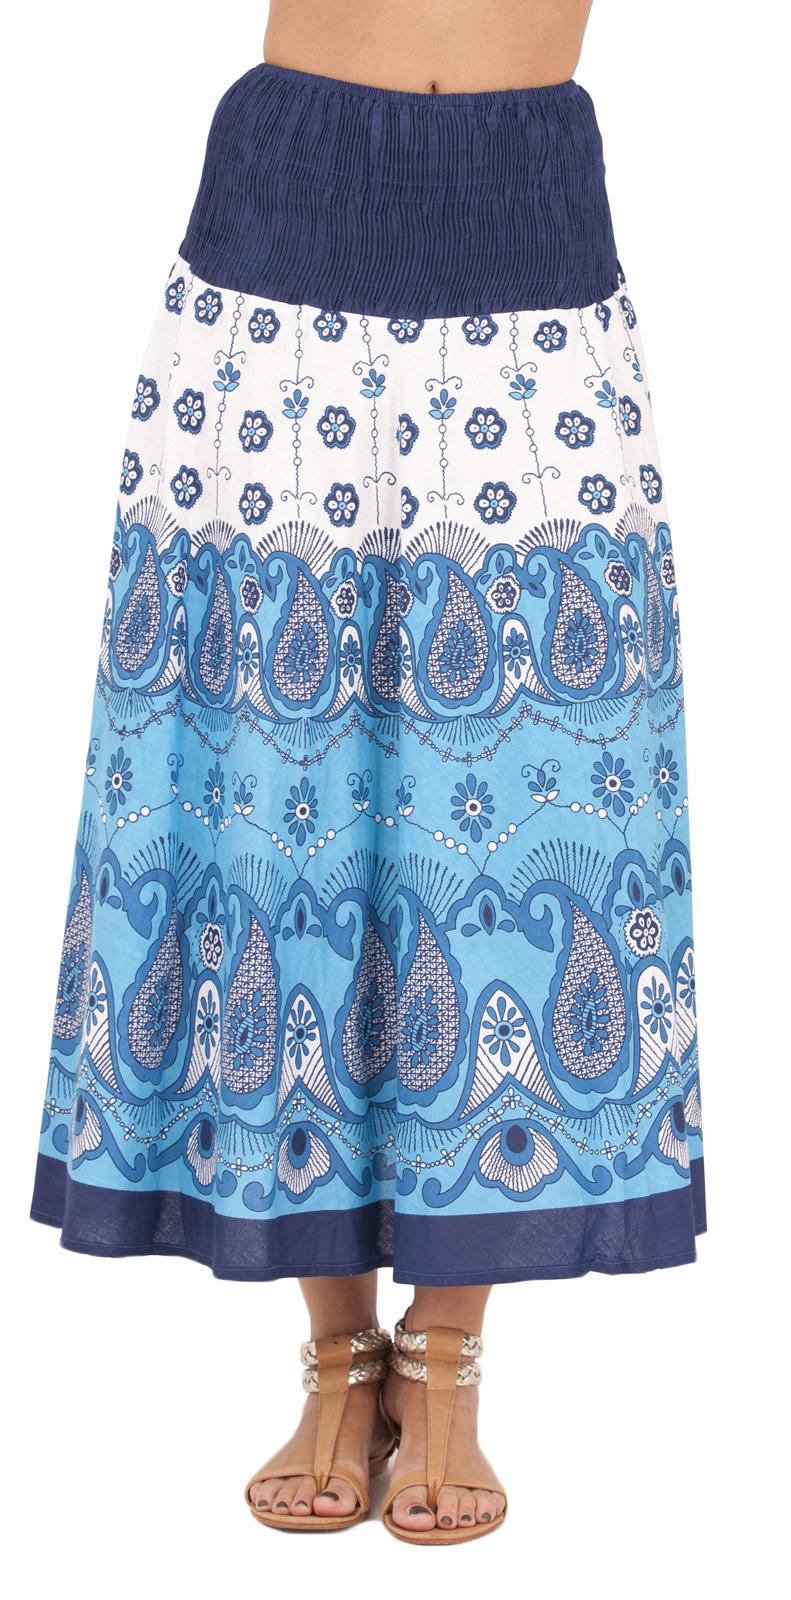 Womens summer dress holiday beach sundress strapless